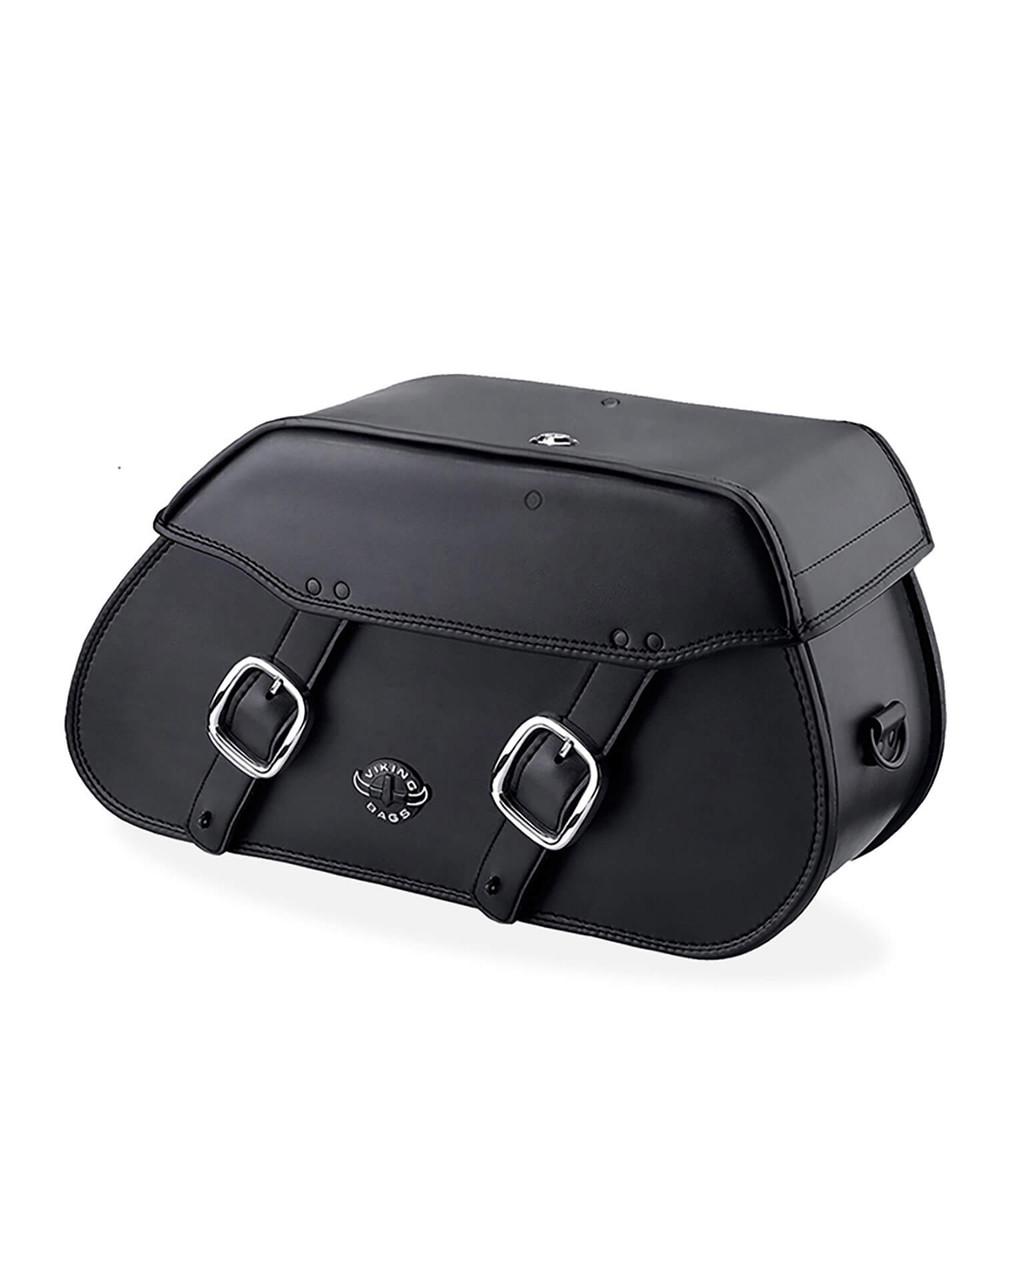 Yamaha Startoliner XV 1900 Pinnacle Motorcycle Saddlebags Main Bag View